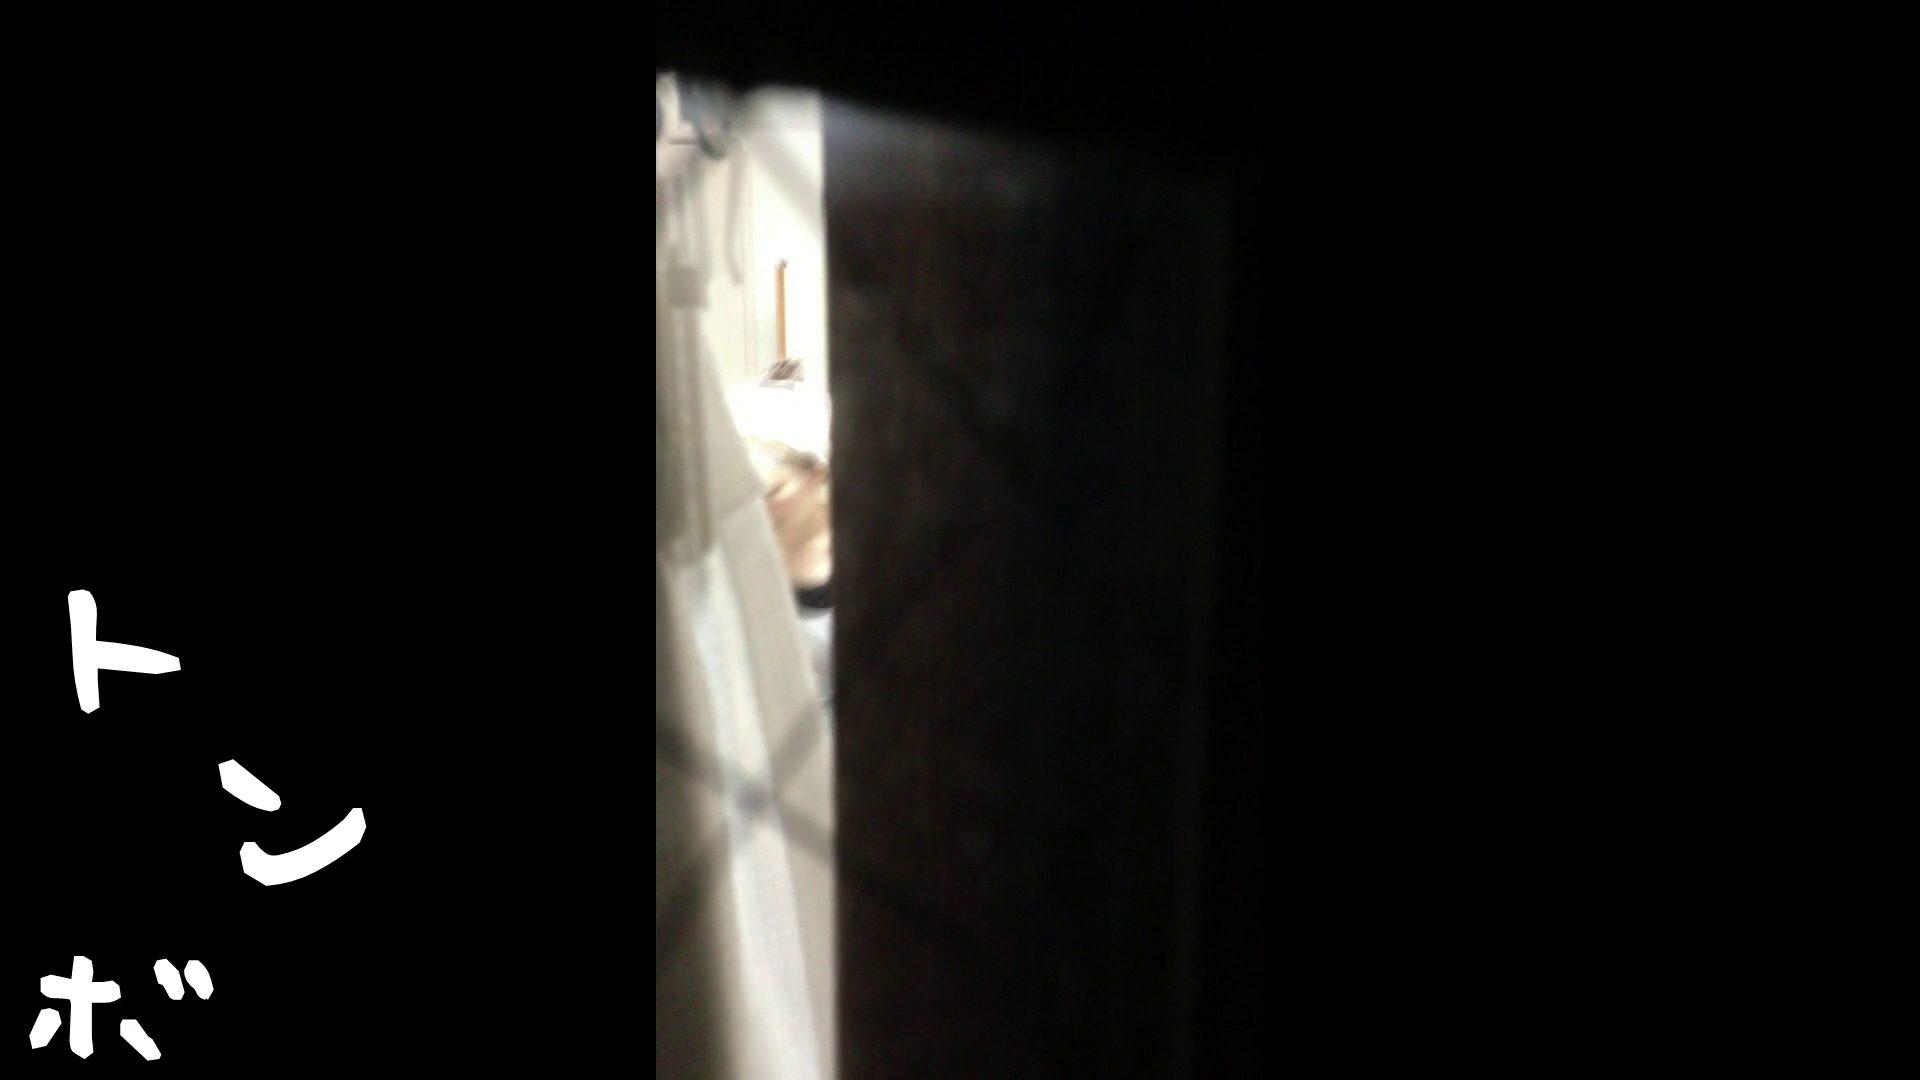 【リアル盗撮】元ジュディマリのYIUKI似 某歌手丸秘ヌード 潜入エロ調査   美女達のヌード  61連発 41